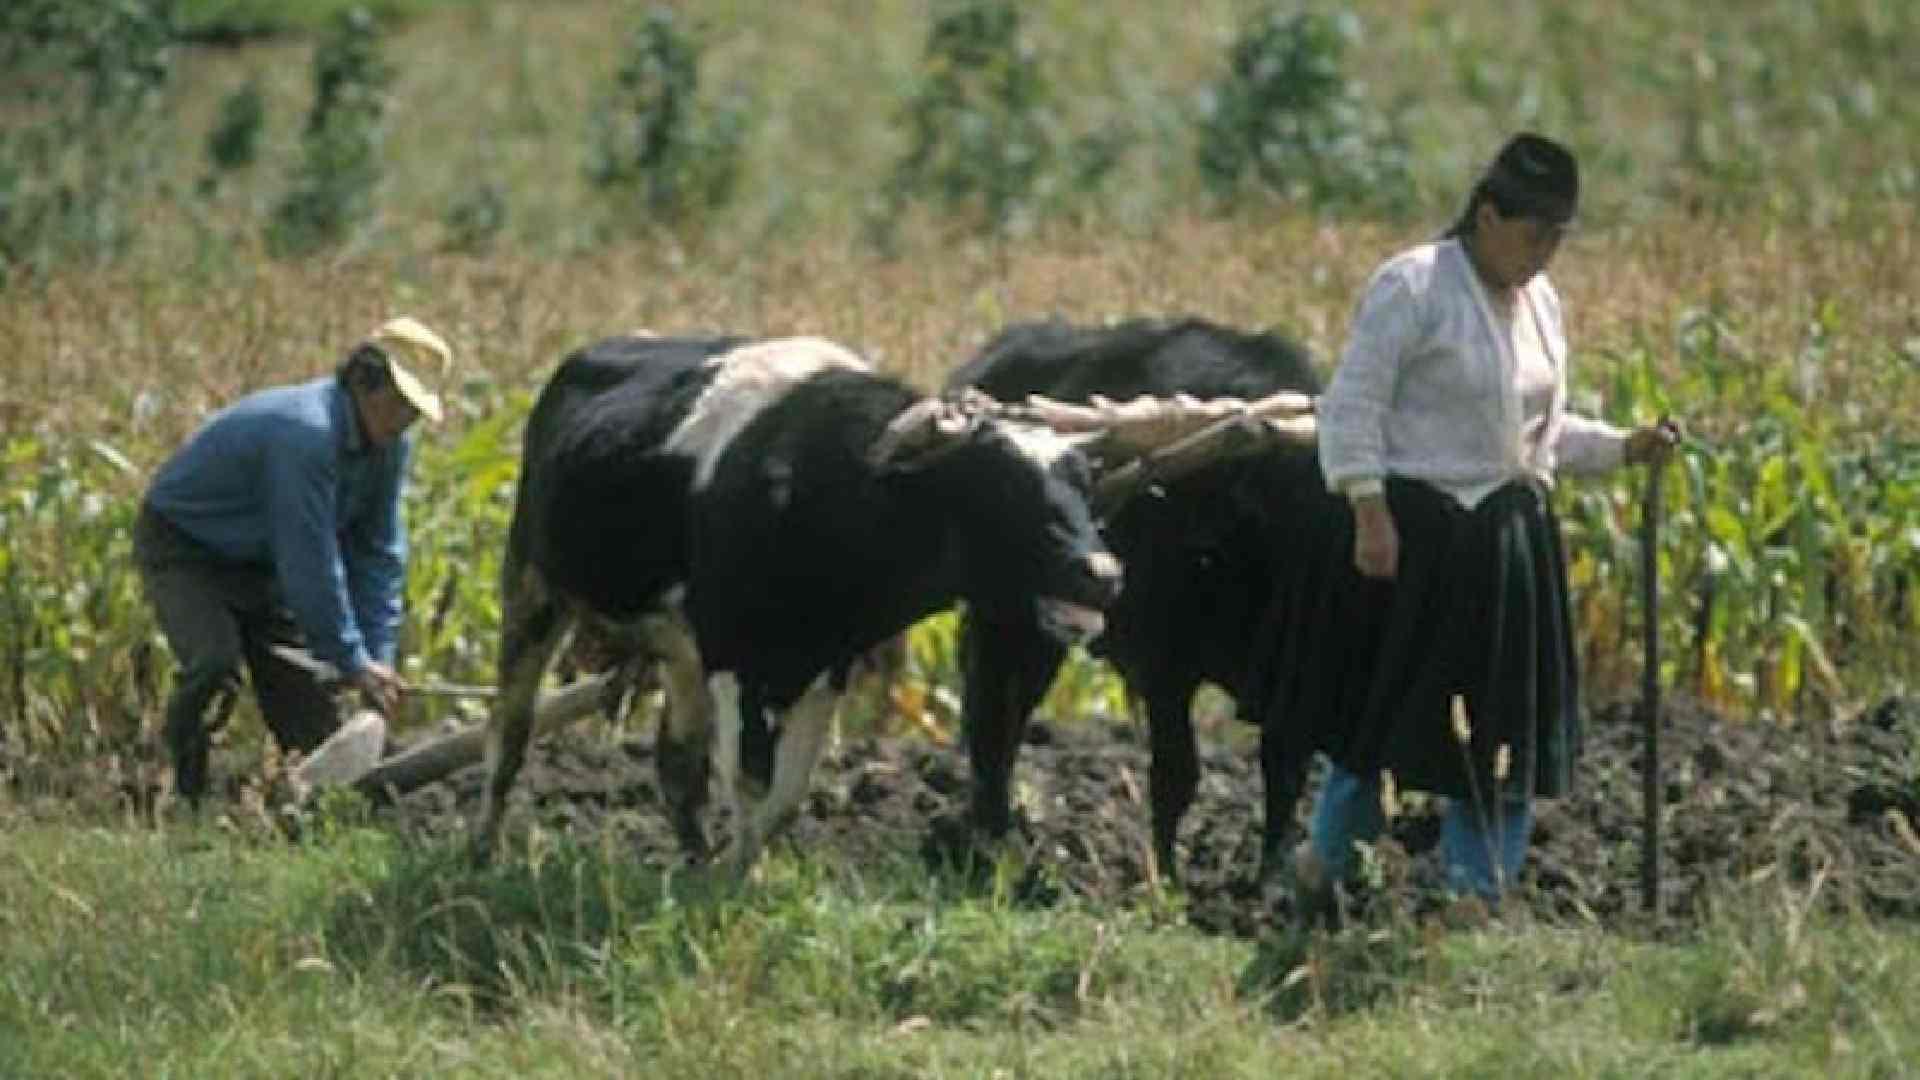 Campesinos-Agricultura-pérdida del campo-Tlaxcala-México-Huracán Grace